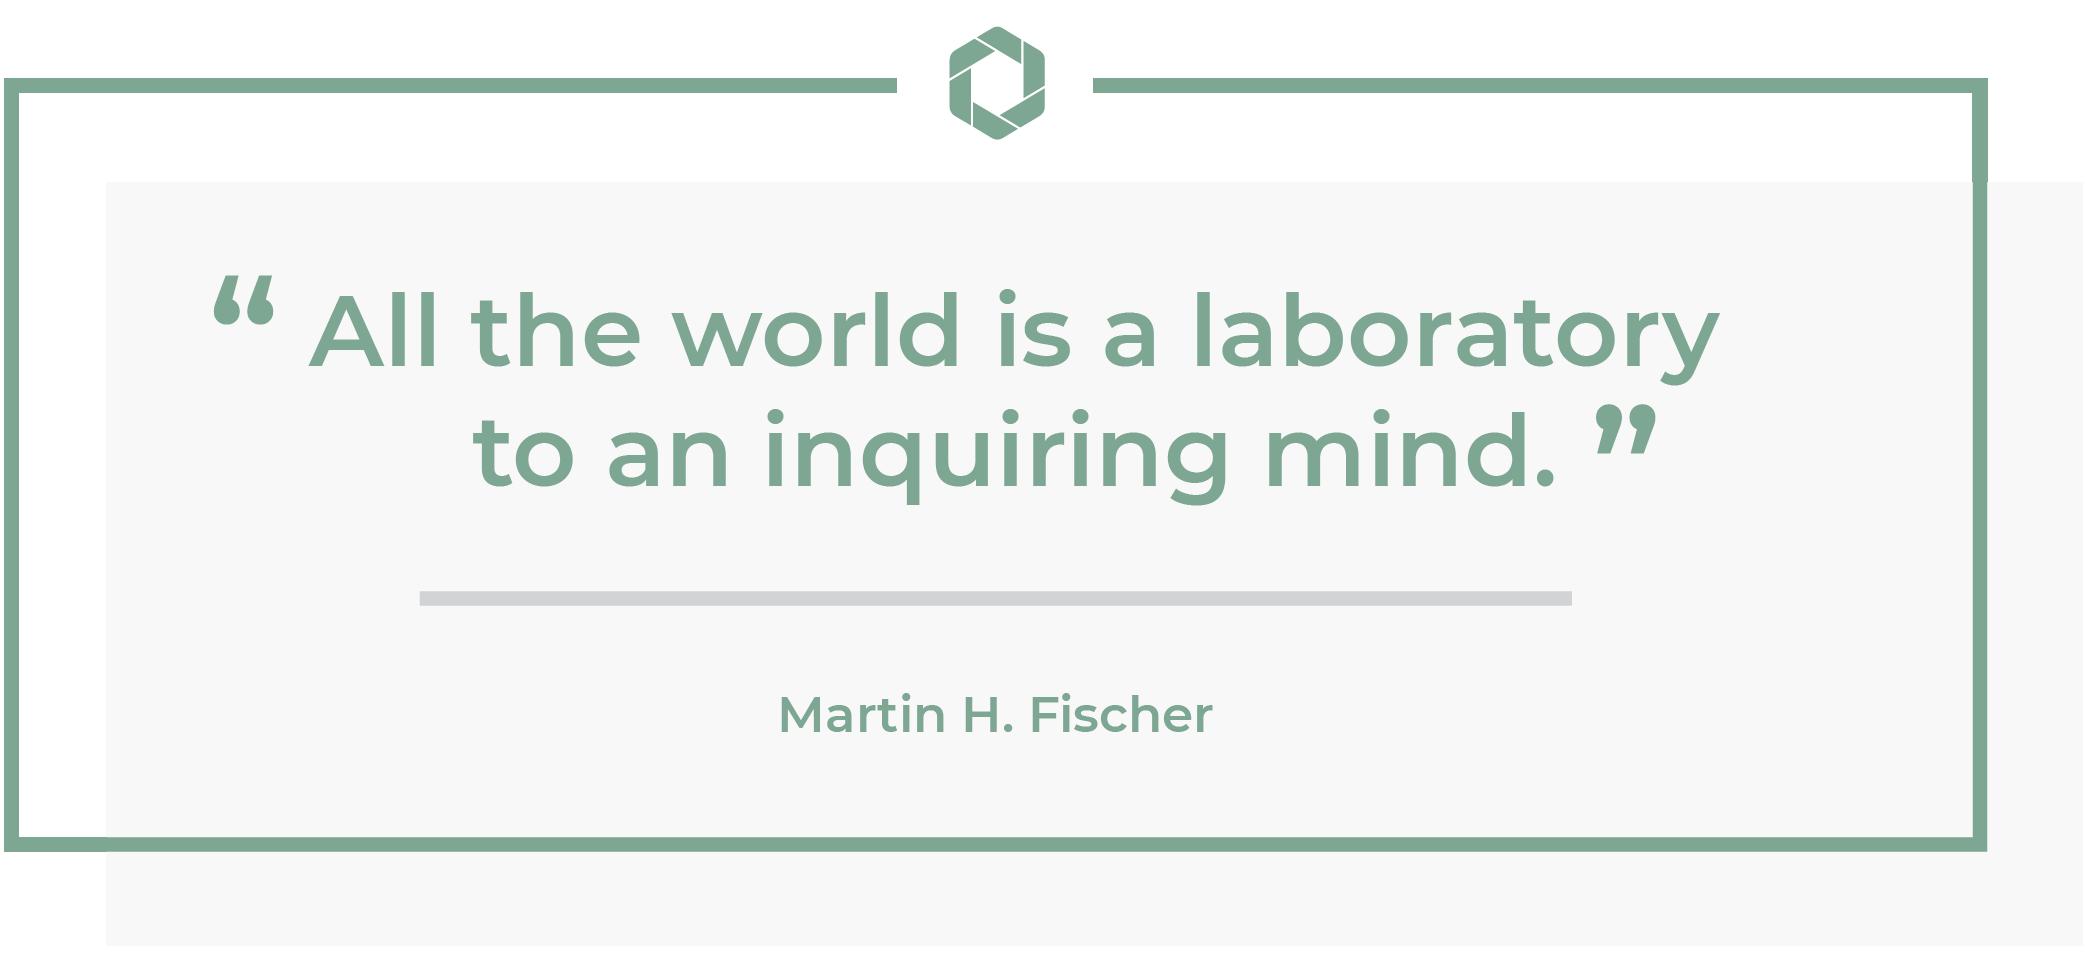 martin fischer quote